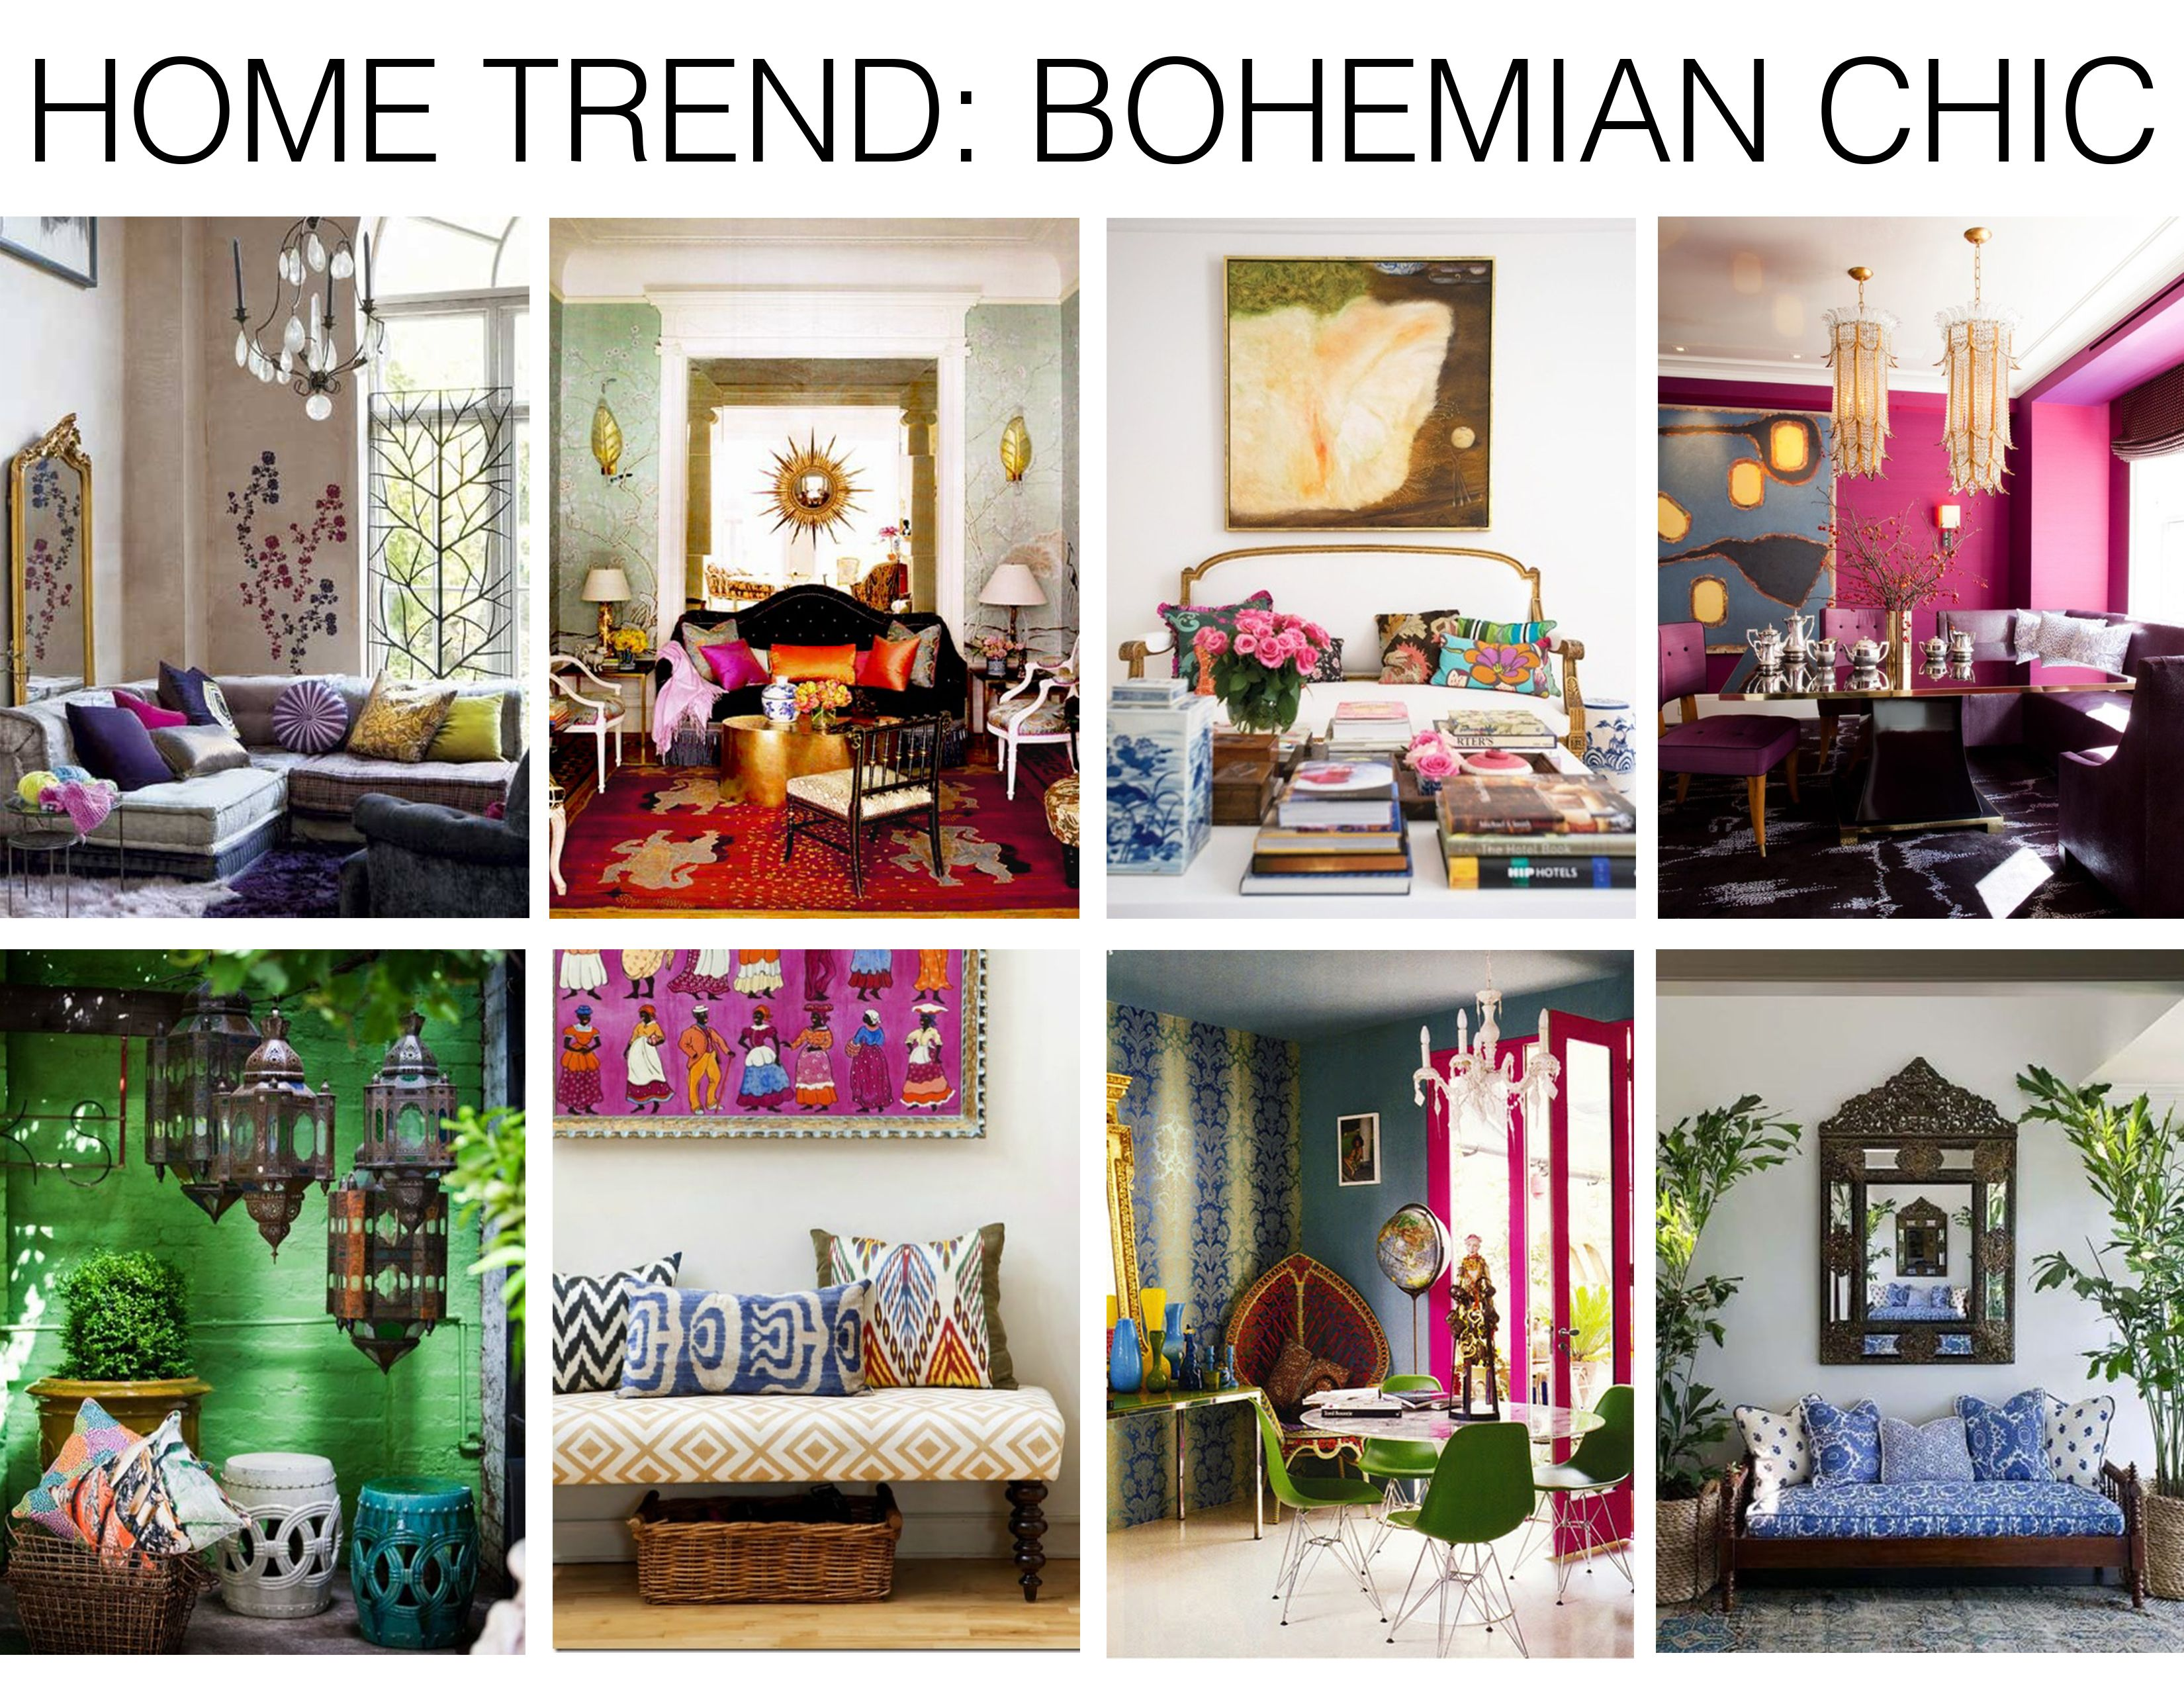 Ibiza Bohemian Chic Styles in Interior Design | Home Decor ...